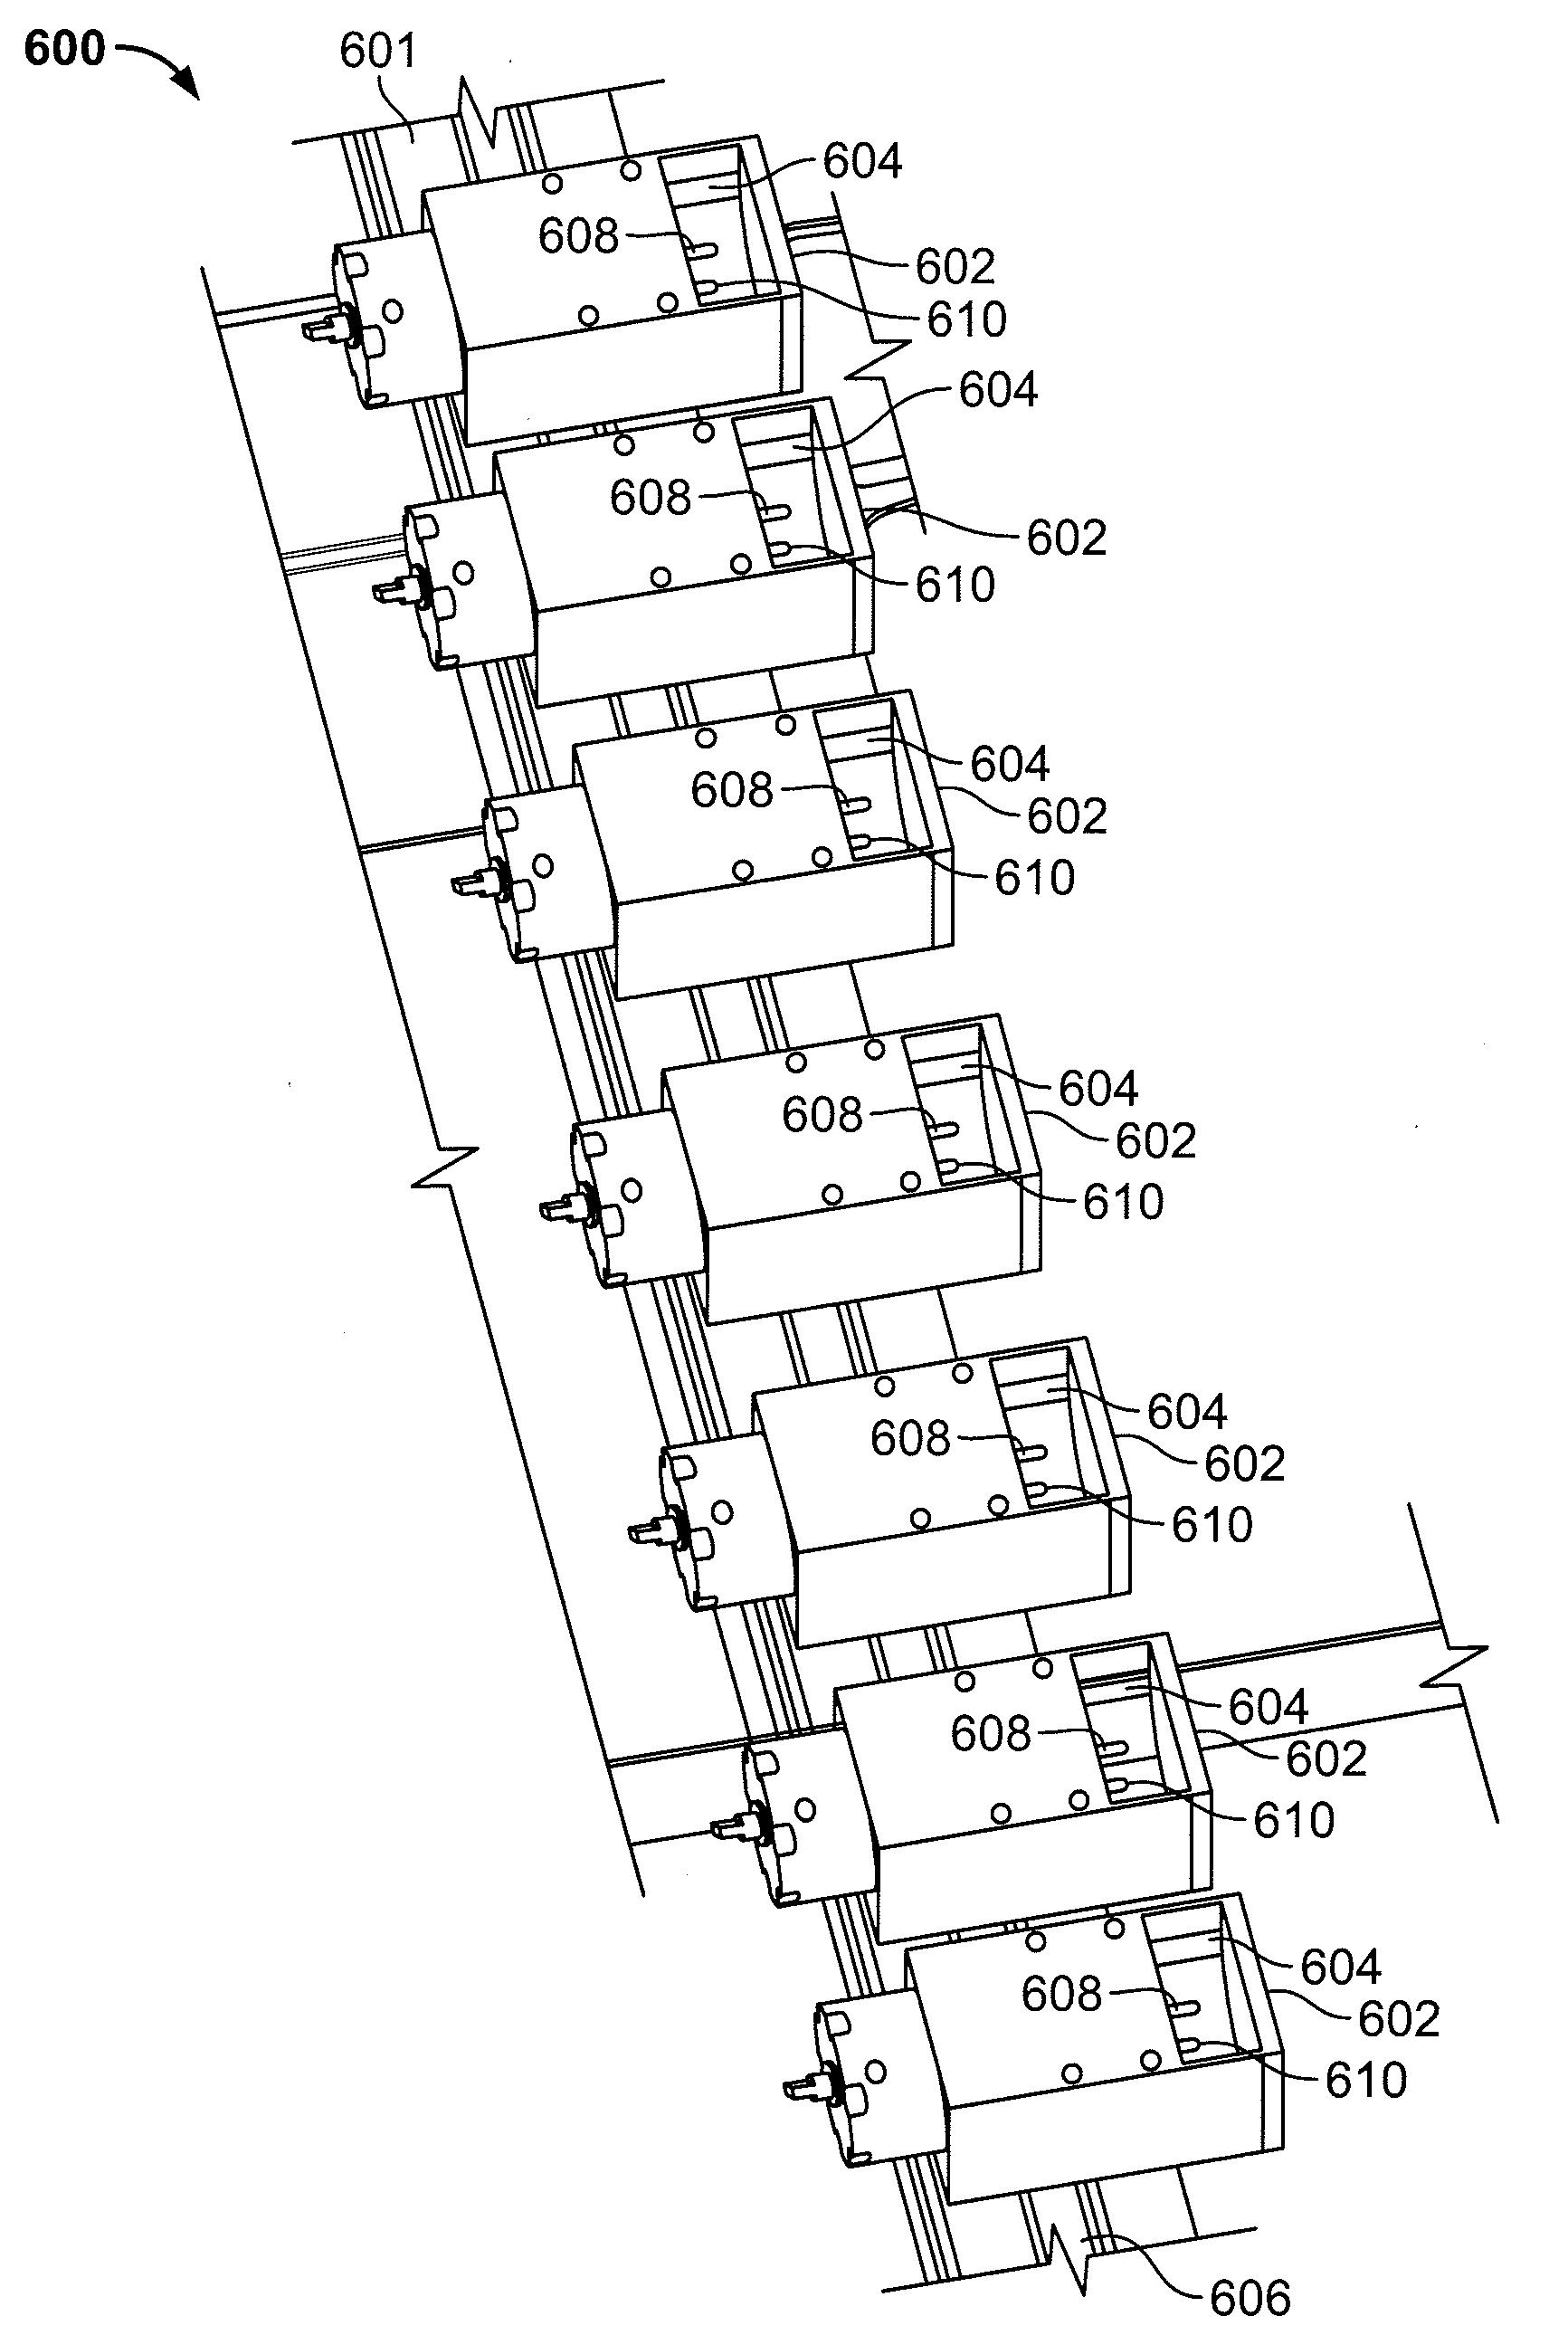 ge rr7 wiring diagram wiring diagram and hernes rr7 relay wiring diagram diagrams get image about